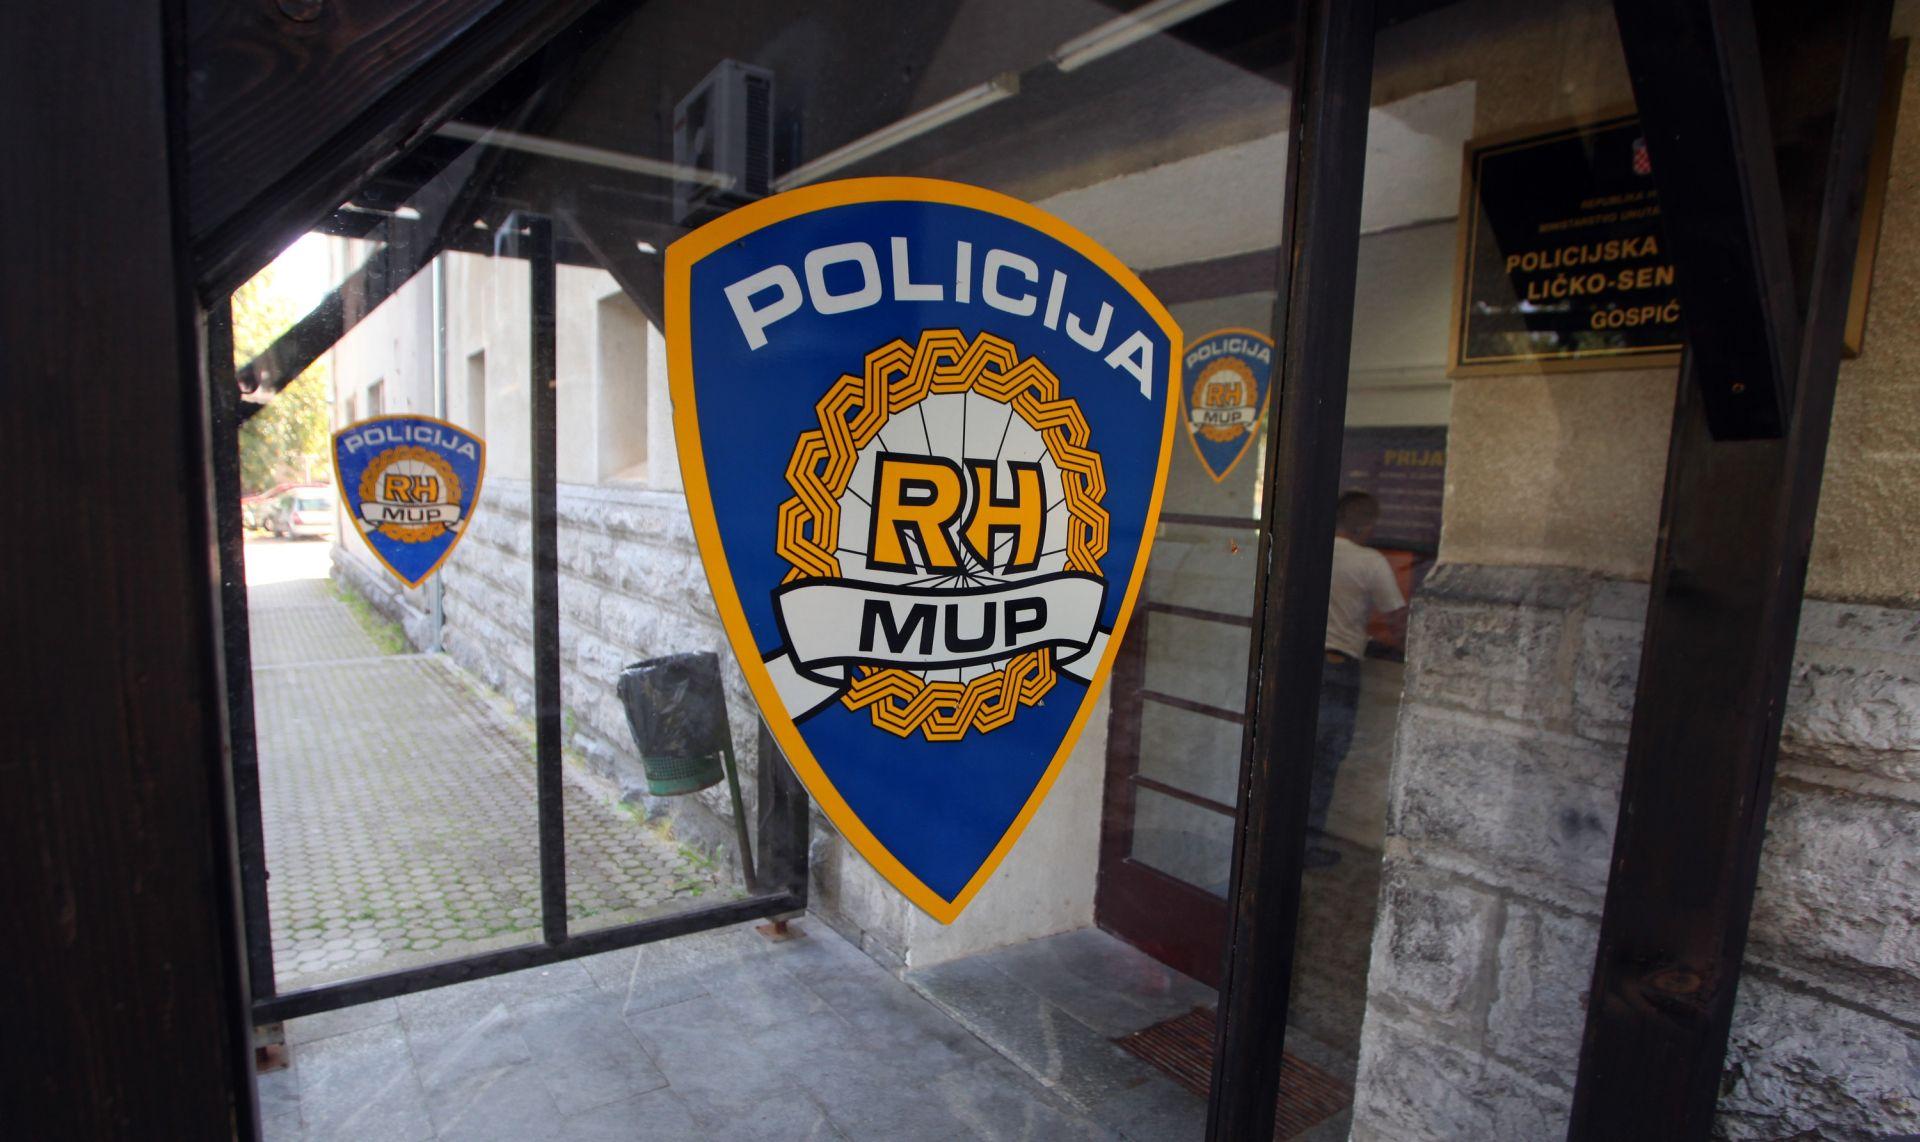 Ličko-senjska policija ovoga ljeta imala pune ruke posla